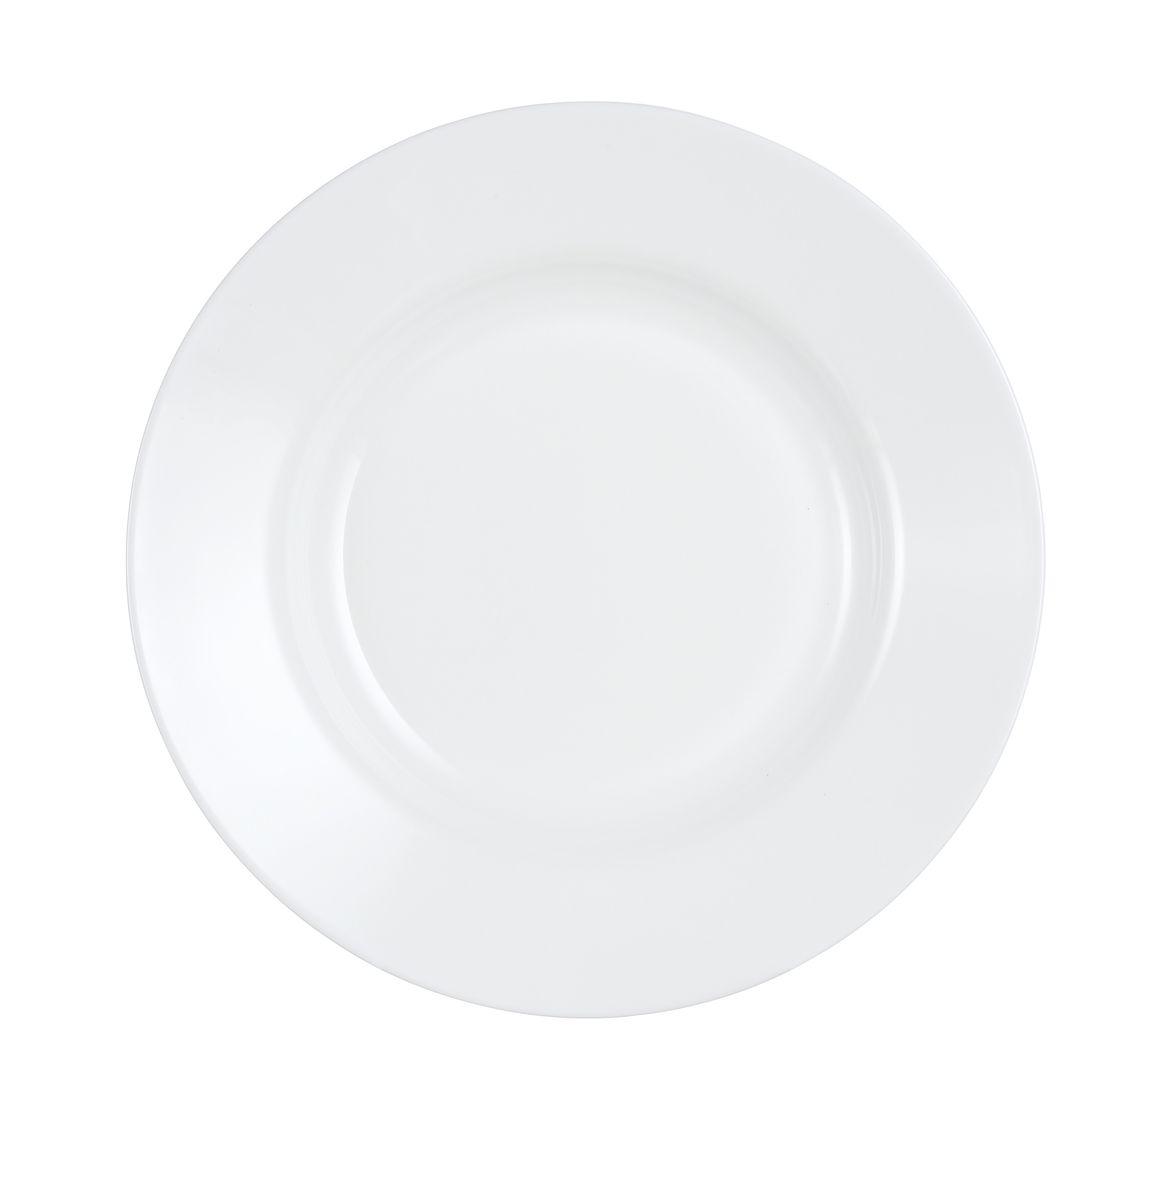 Тарелка глубокая Luminarc Everyday, 22 х 22 см115510Глубокая тарелка Luminarc Everyday выполнена изударопрочного стекла и оформлена в классическом стиле.Изделие сочетает в себе изысканный дизайн с максимальнойфункциональностью. Она прекрасно впишется винтерьер вашей кухни и станет достойным дополнениемк кухонному инвентарю. Тарелка Luminarc Everyday подчеркнет прекрасный вкус хозяйкии станет отличным подарком. Размер (по верхнему краю): 22 х 22 см.